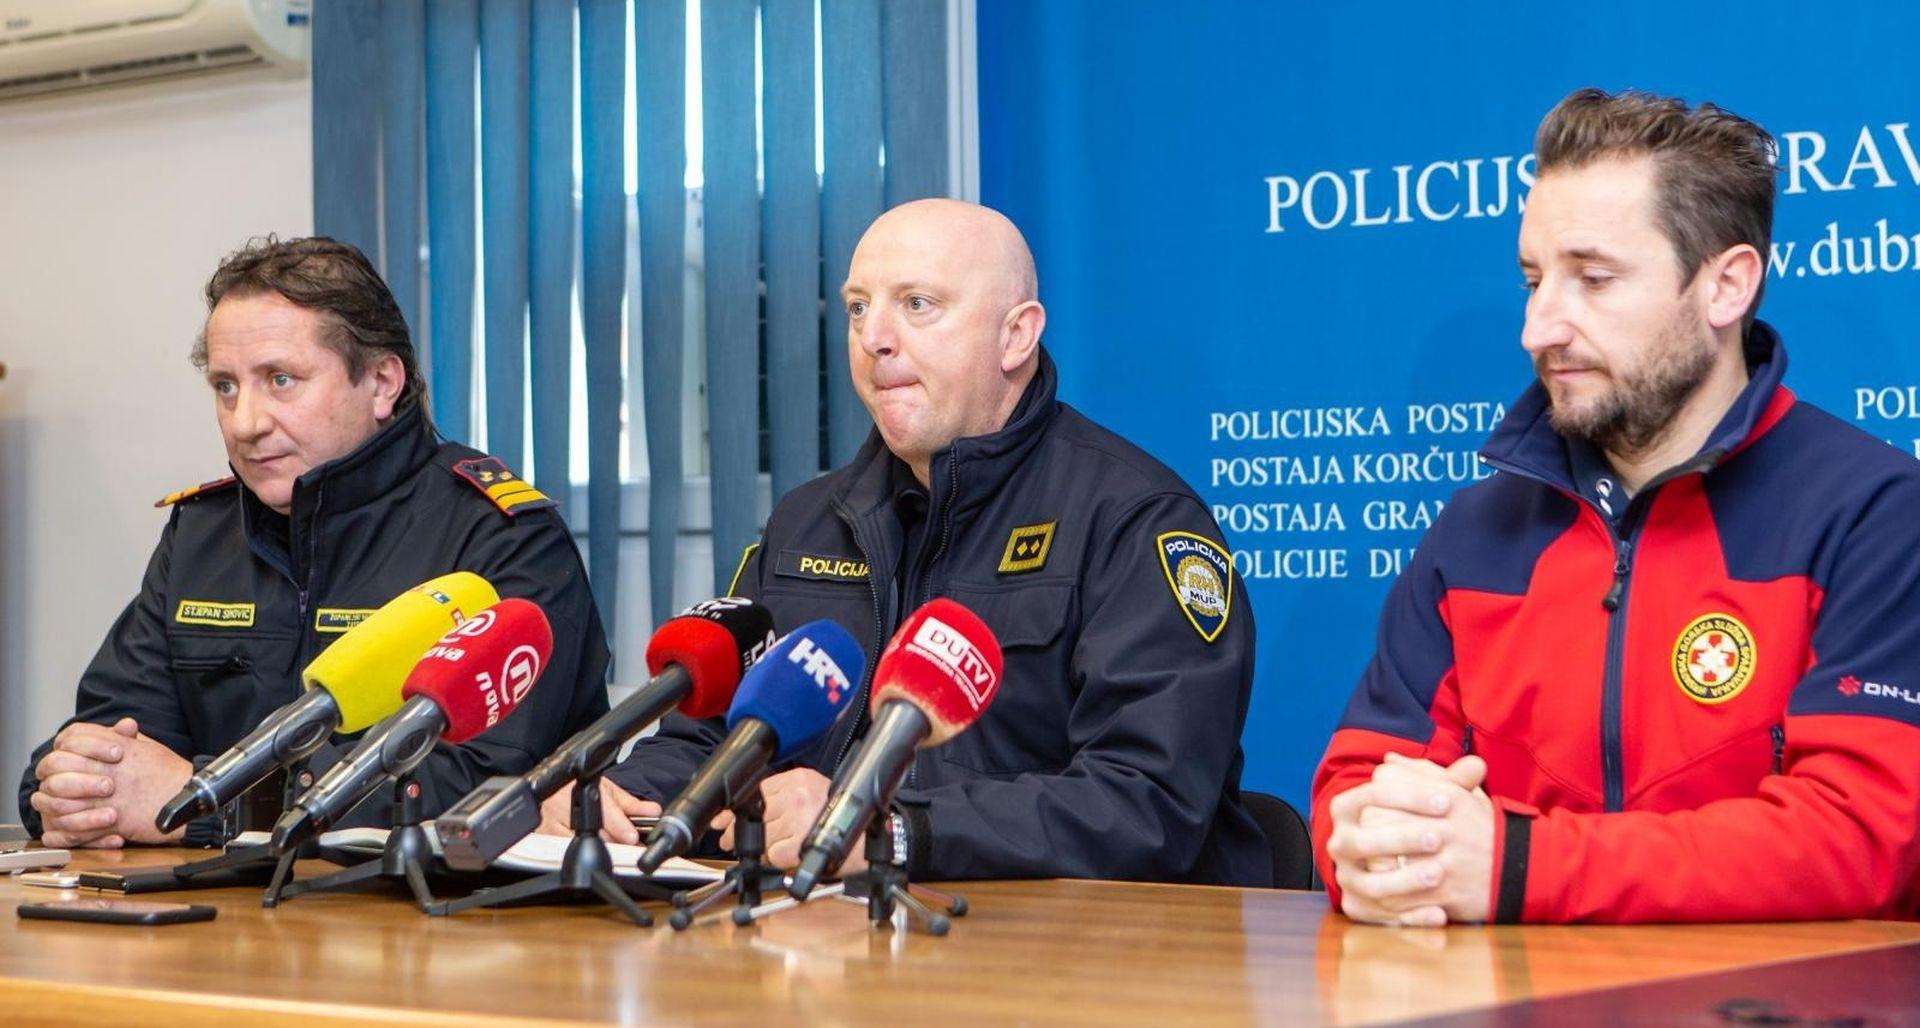 POLICIJA Dvojica radnika HE Plat umrla su od utapljanja